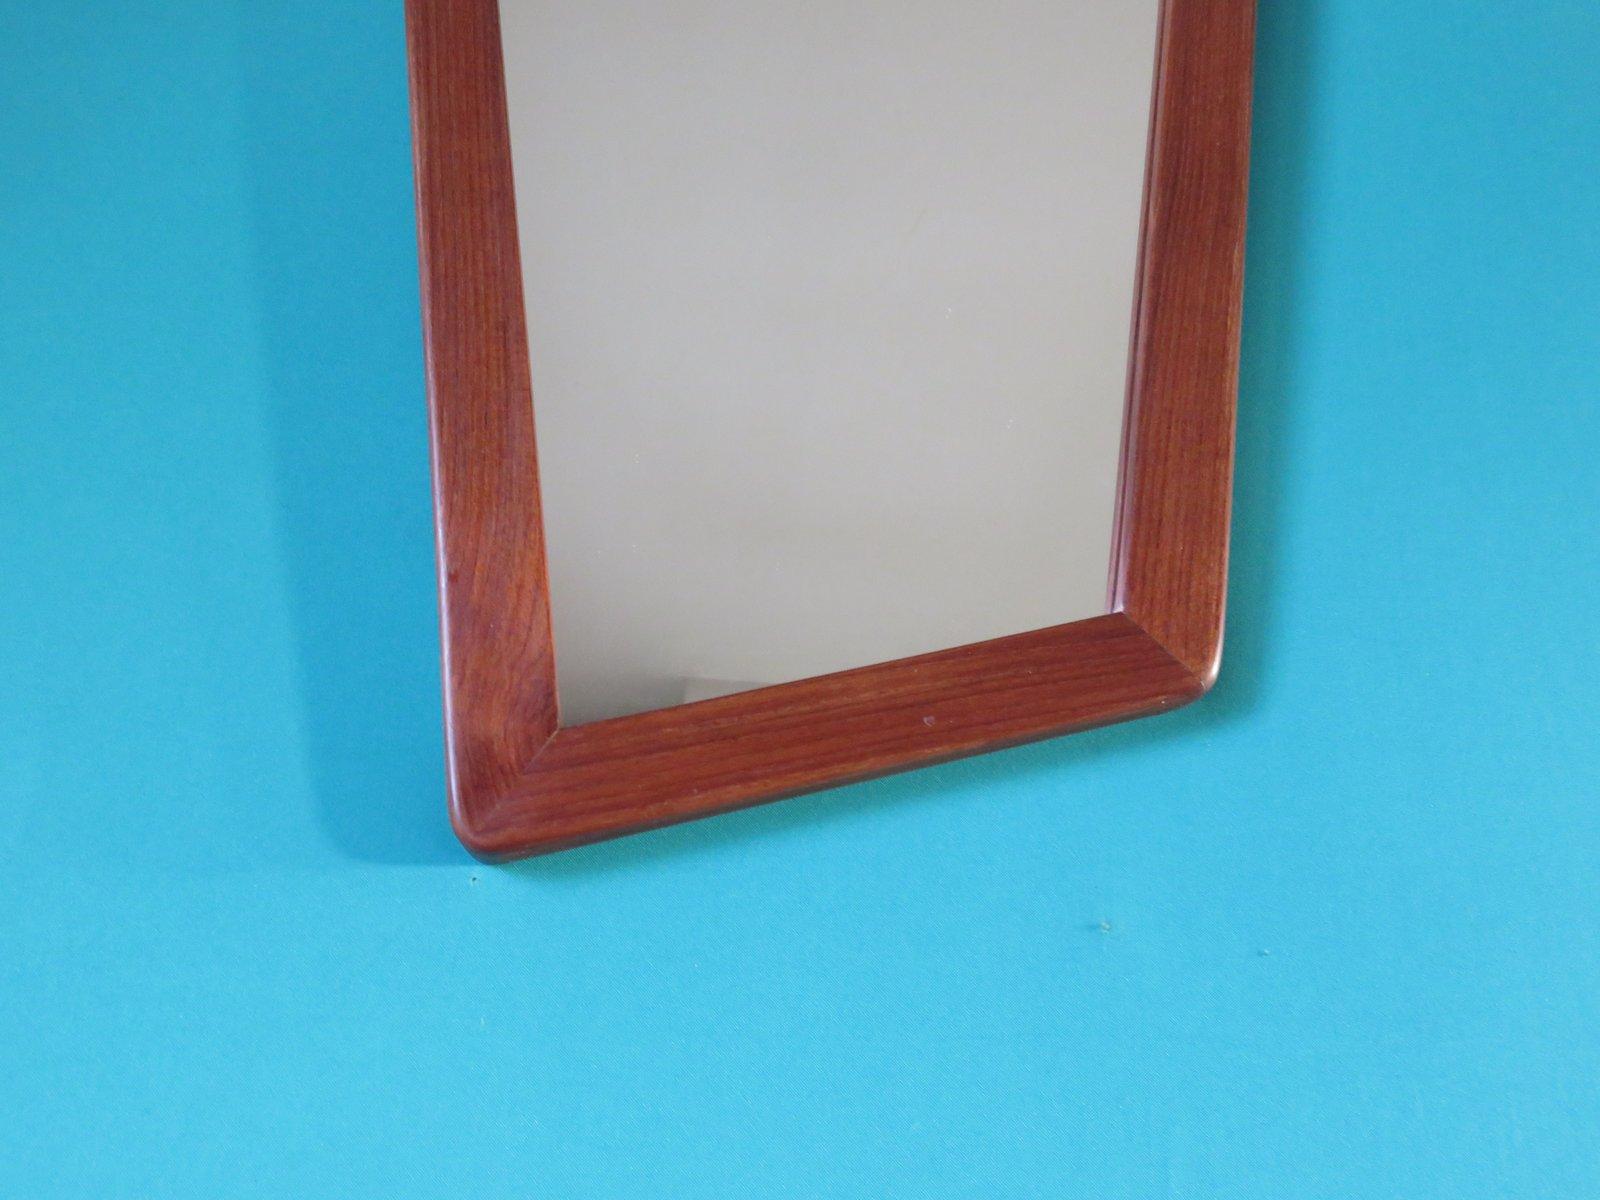 asymmetrischer d nischer spiegel im kubistischen stil mit rahmen aus teakholz 1950er bei pamono. Black Bedroom Furniture Sets. Home Design Ideas